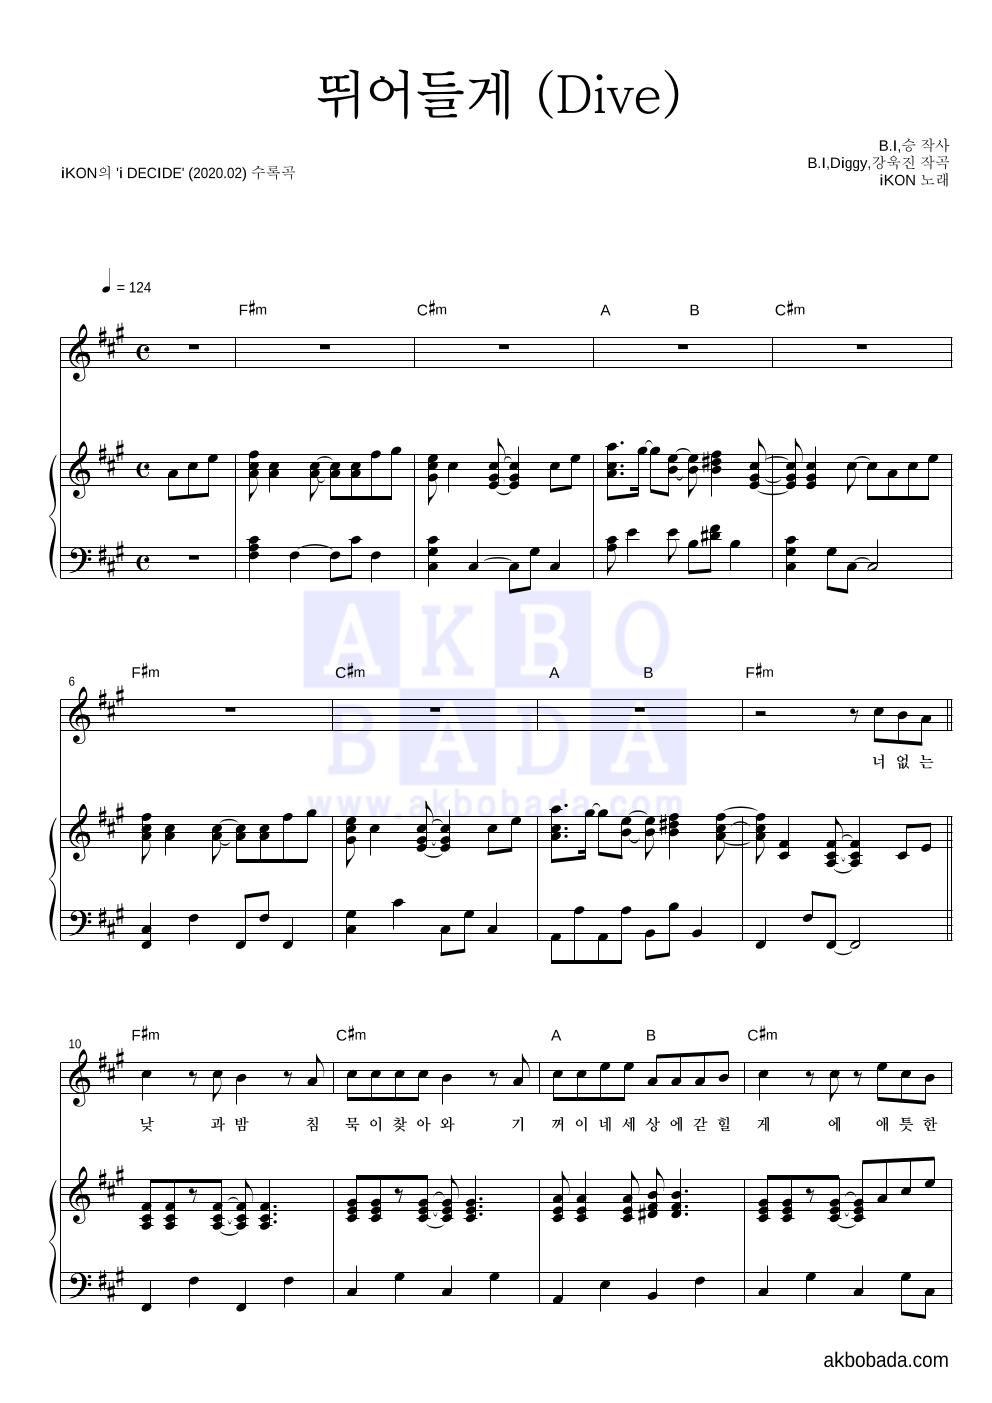 아이콘 - 뛰어들게 (Dive) 피아노 3단 악보